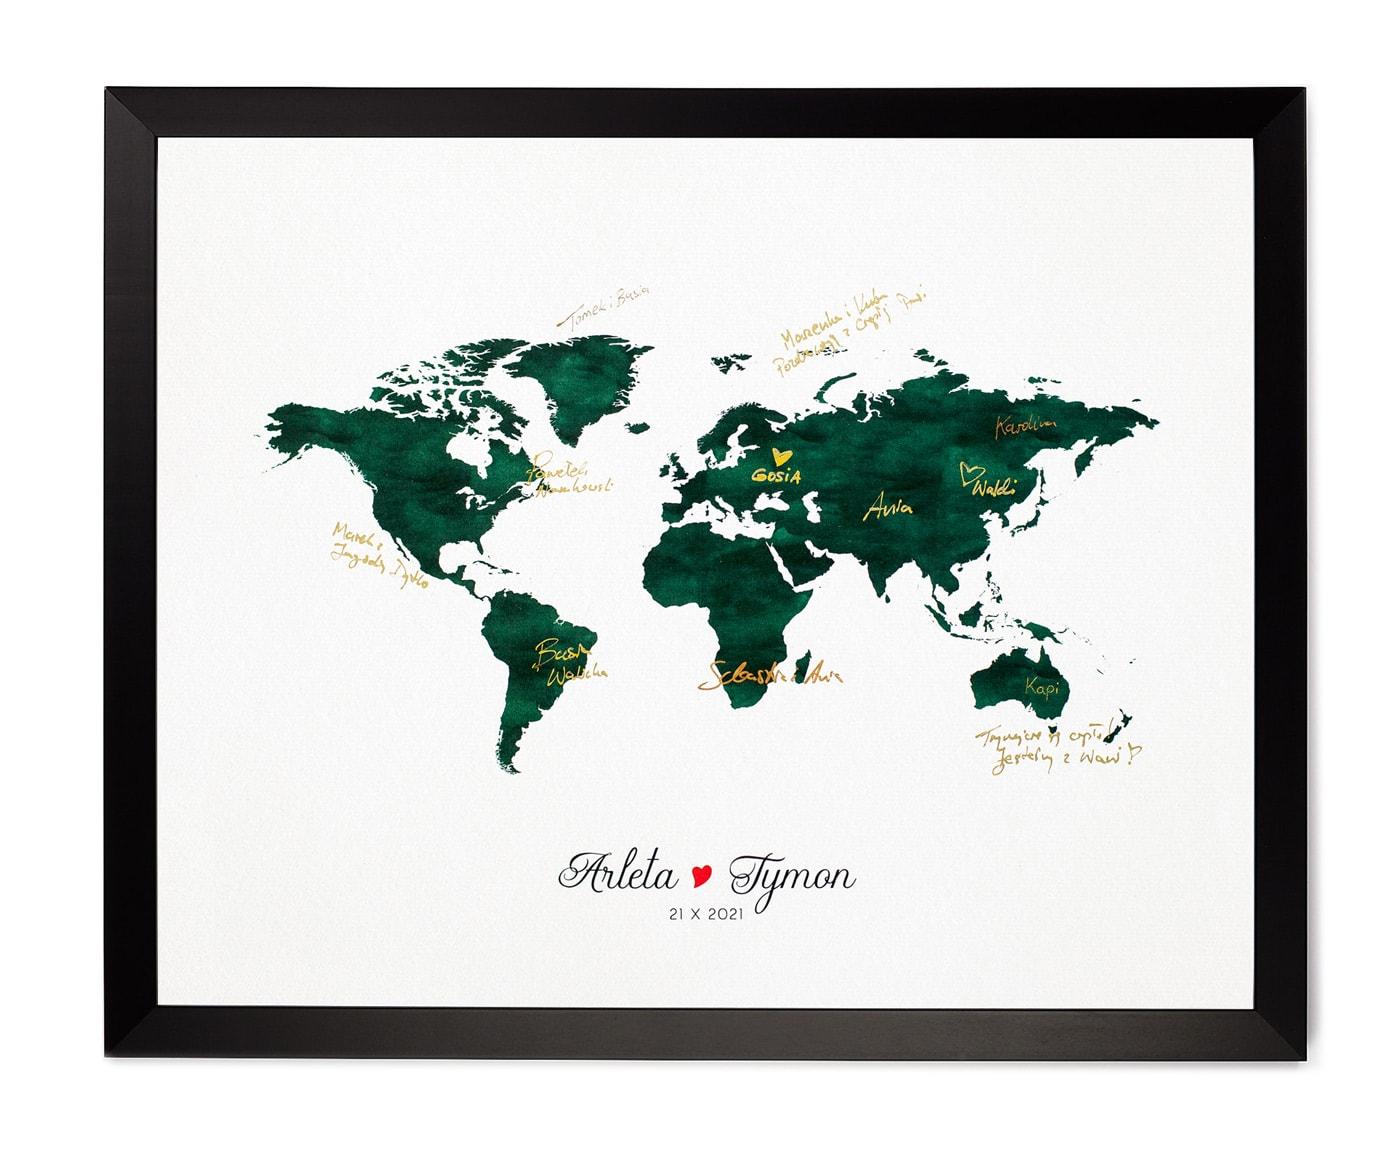 Księga gości z mapą świata, butelkowa zieleń, złote podpisy